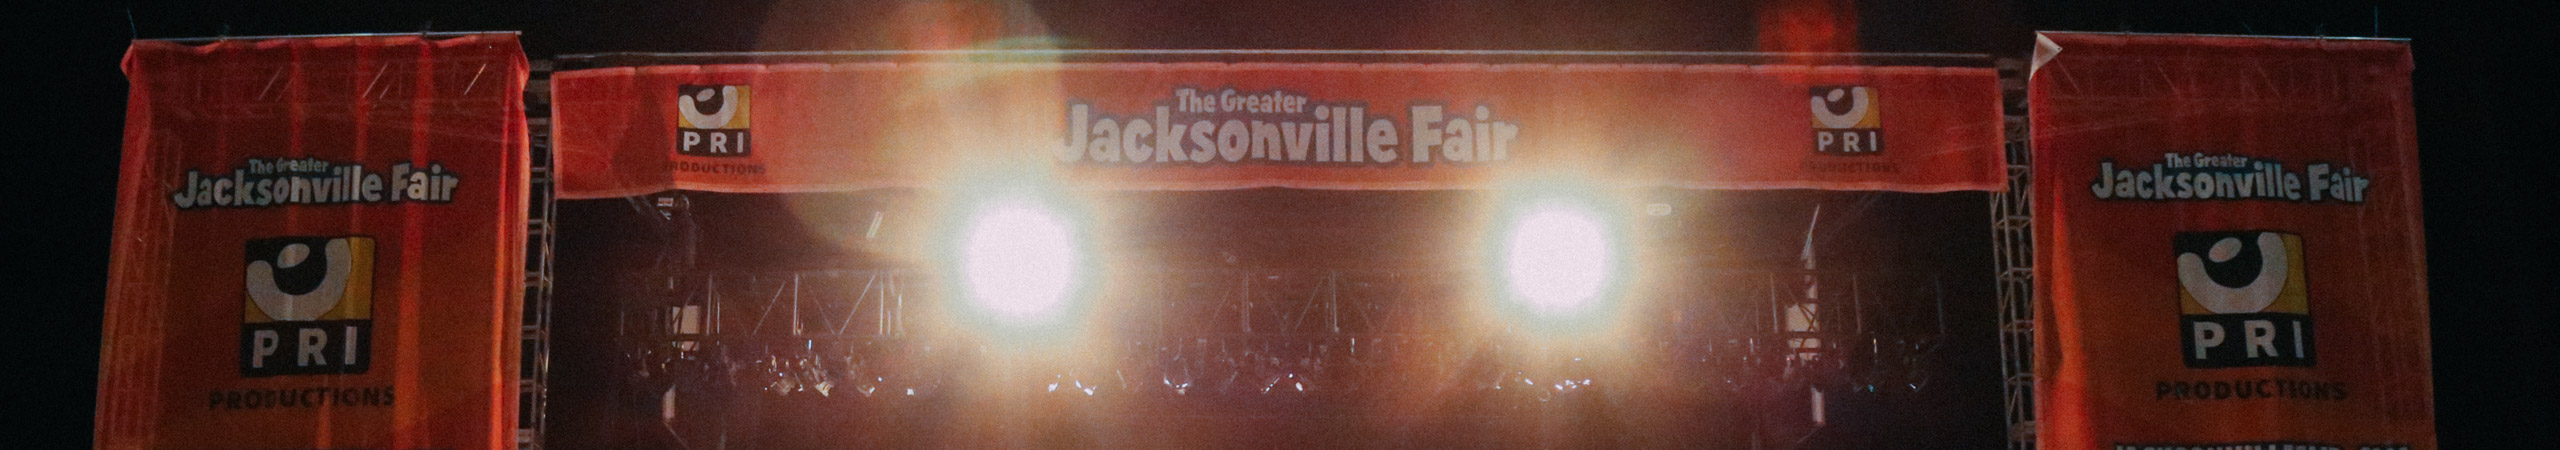 Jacksonville Fair – Lee Brice